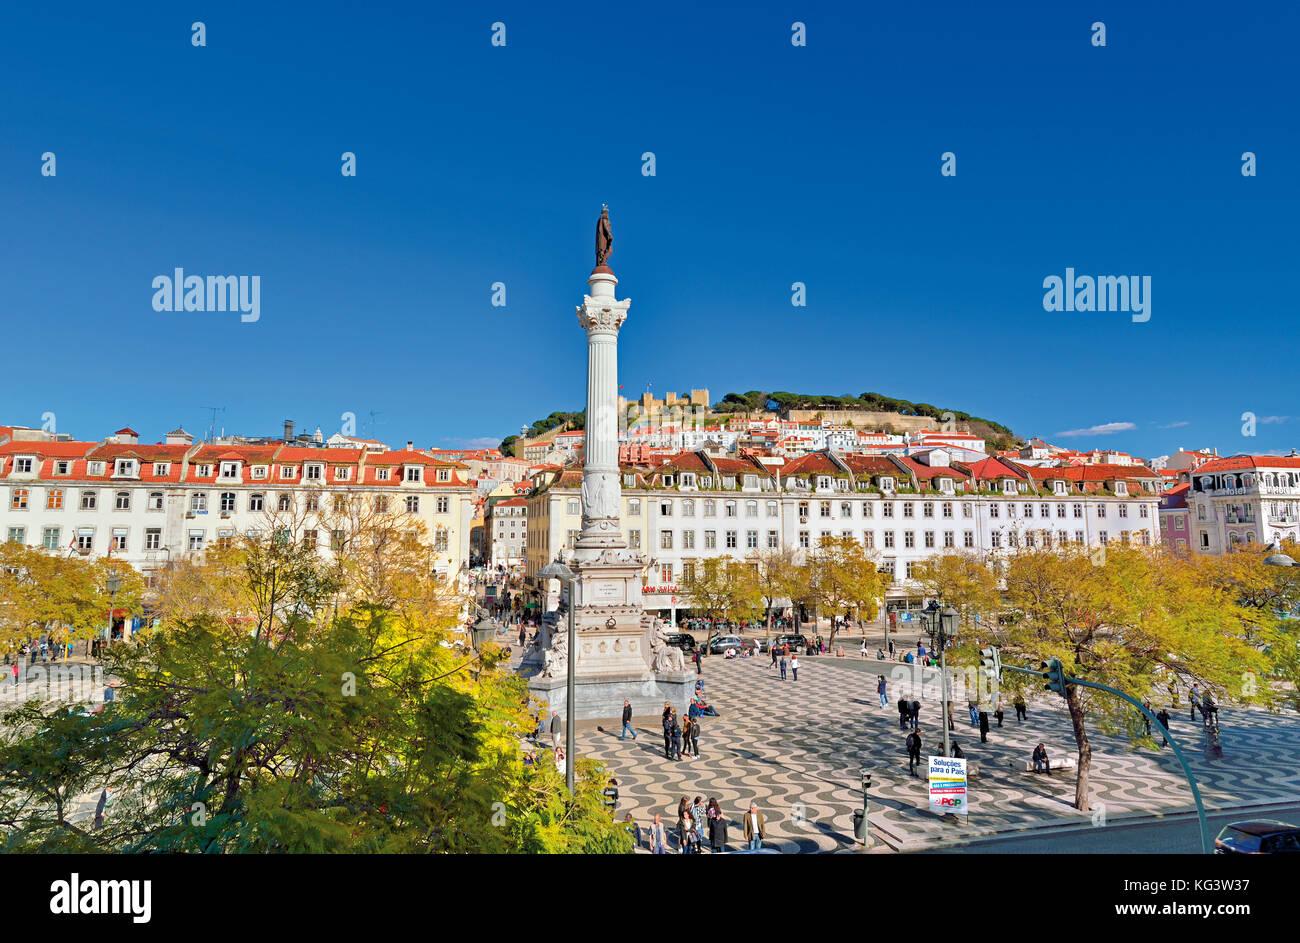 Vistas a la plaza de Rossio y el castillo de Lisboa Imagen De Stock